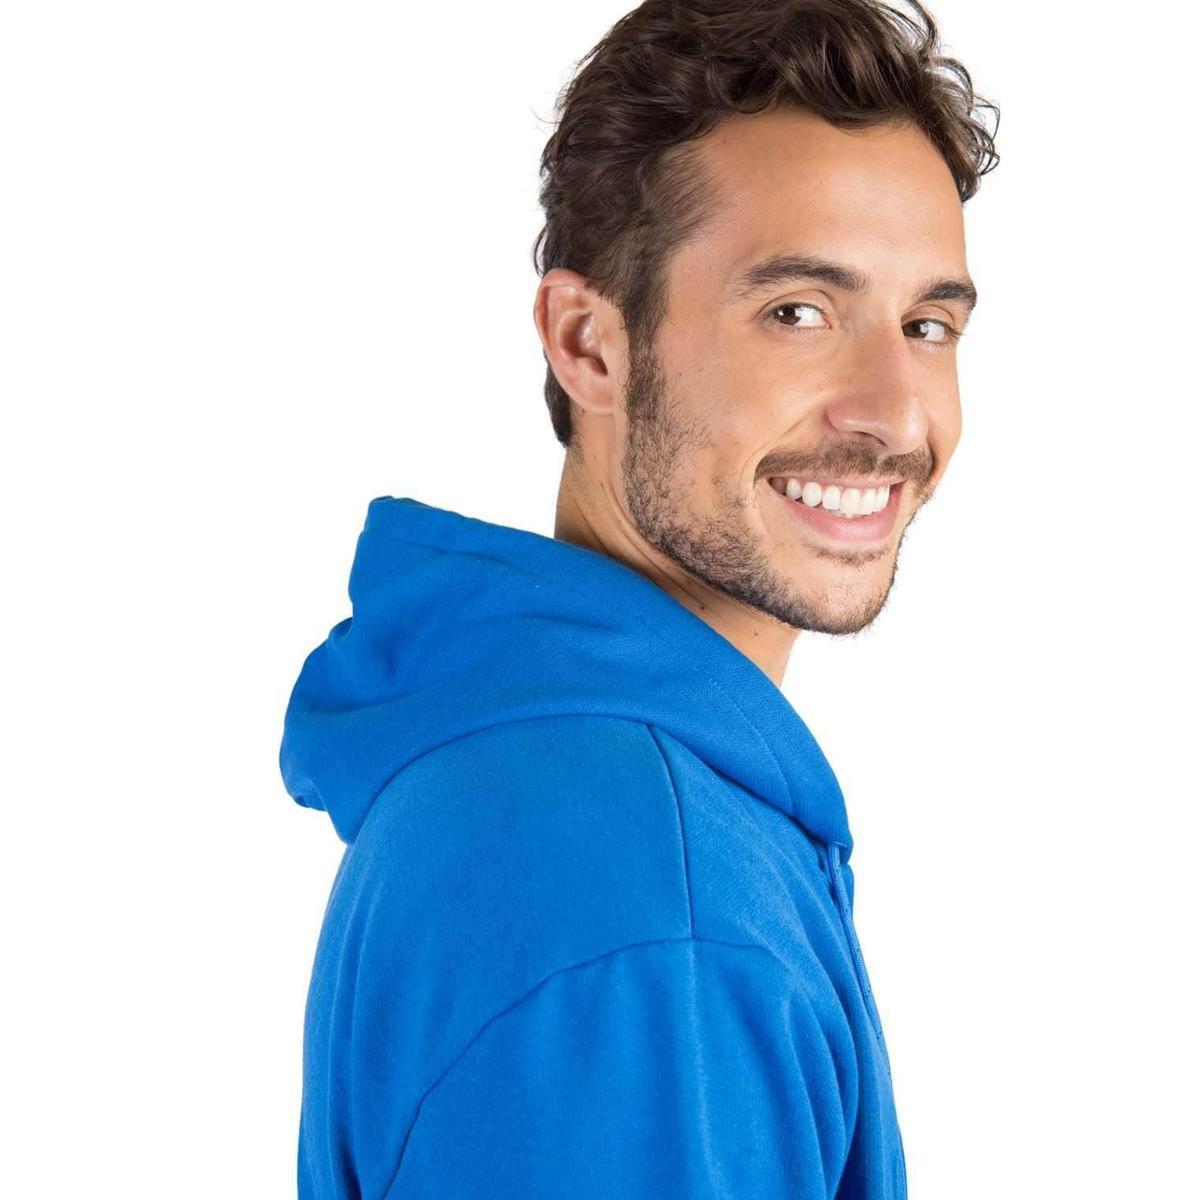 Casaco Moletom Taco Masculino - Azul Royal